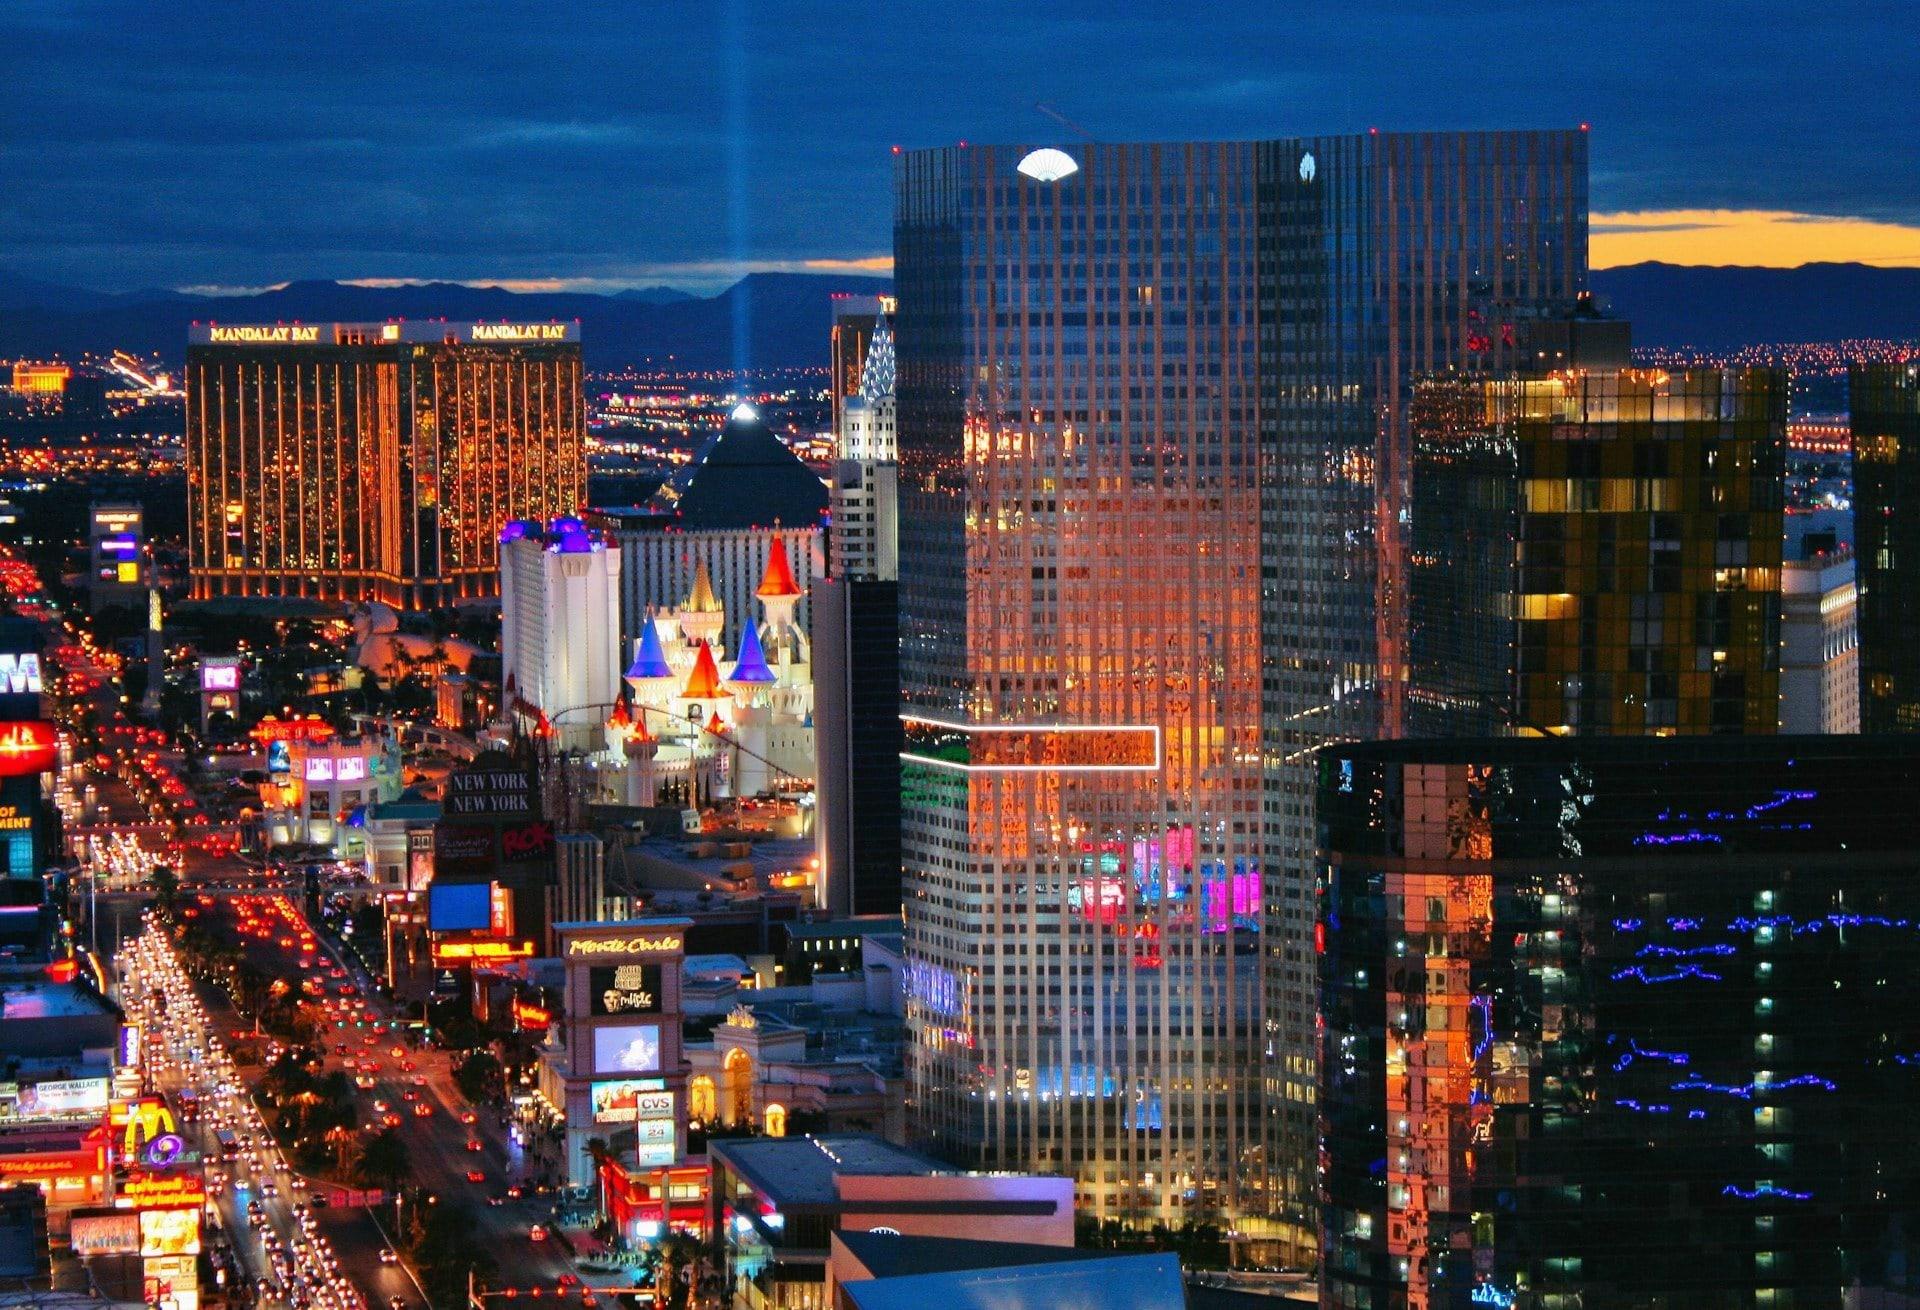 Las Vegas wallpaper for mobile